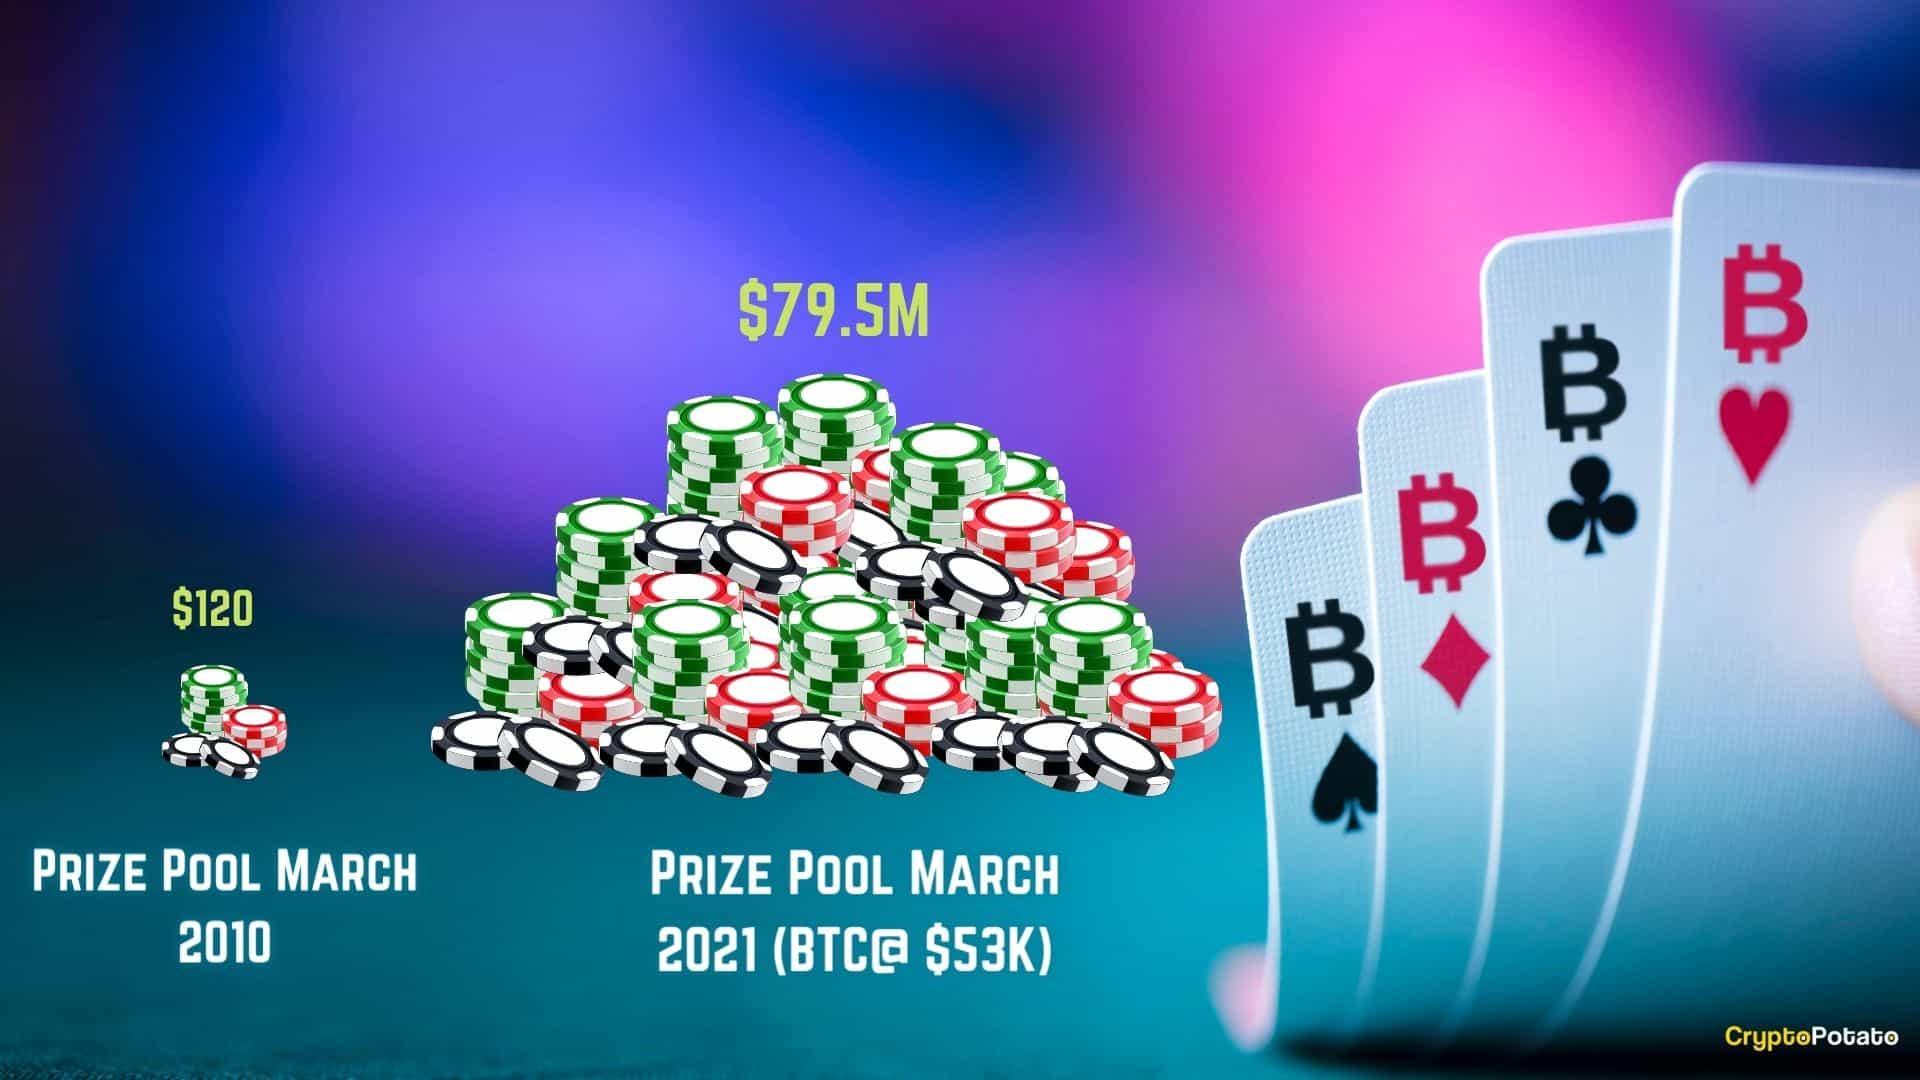 Poker Tournament Using BTC As Prize Pool. Source: CryptoPotato